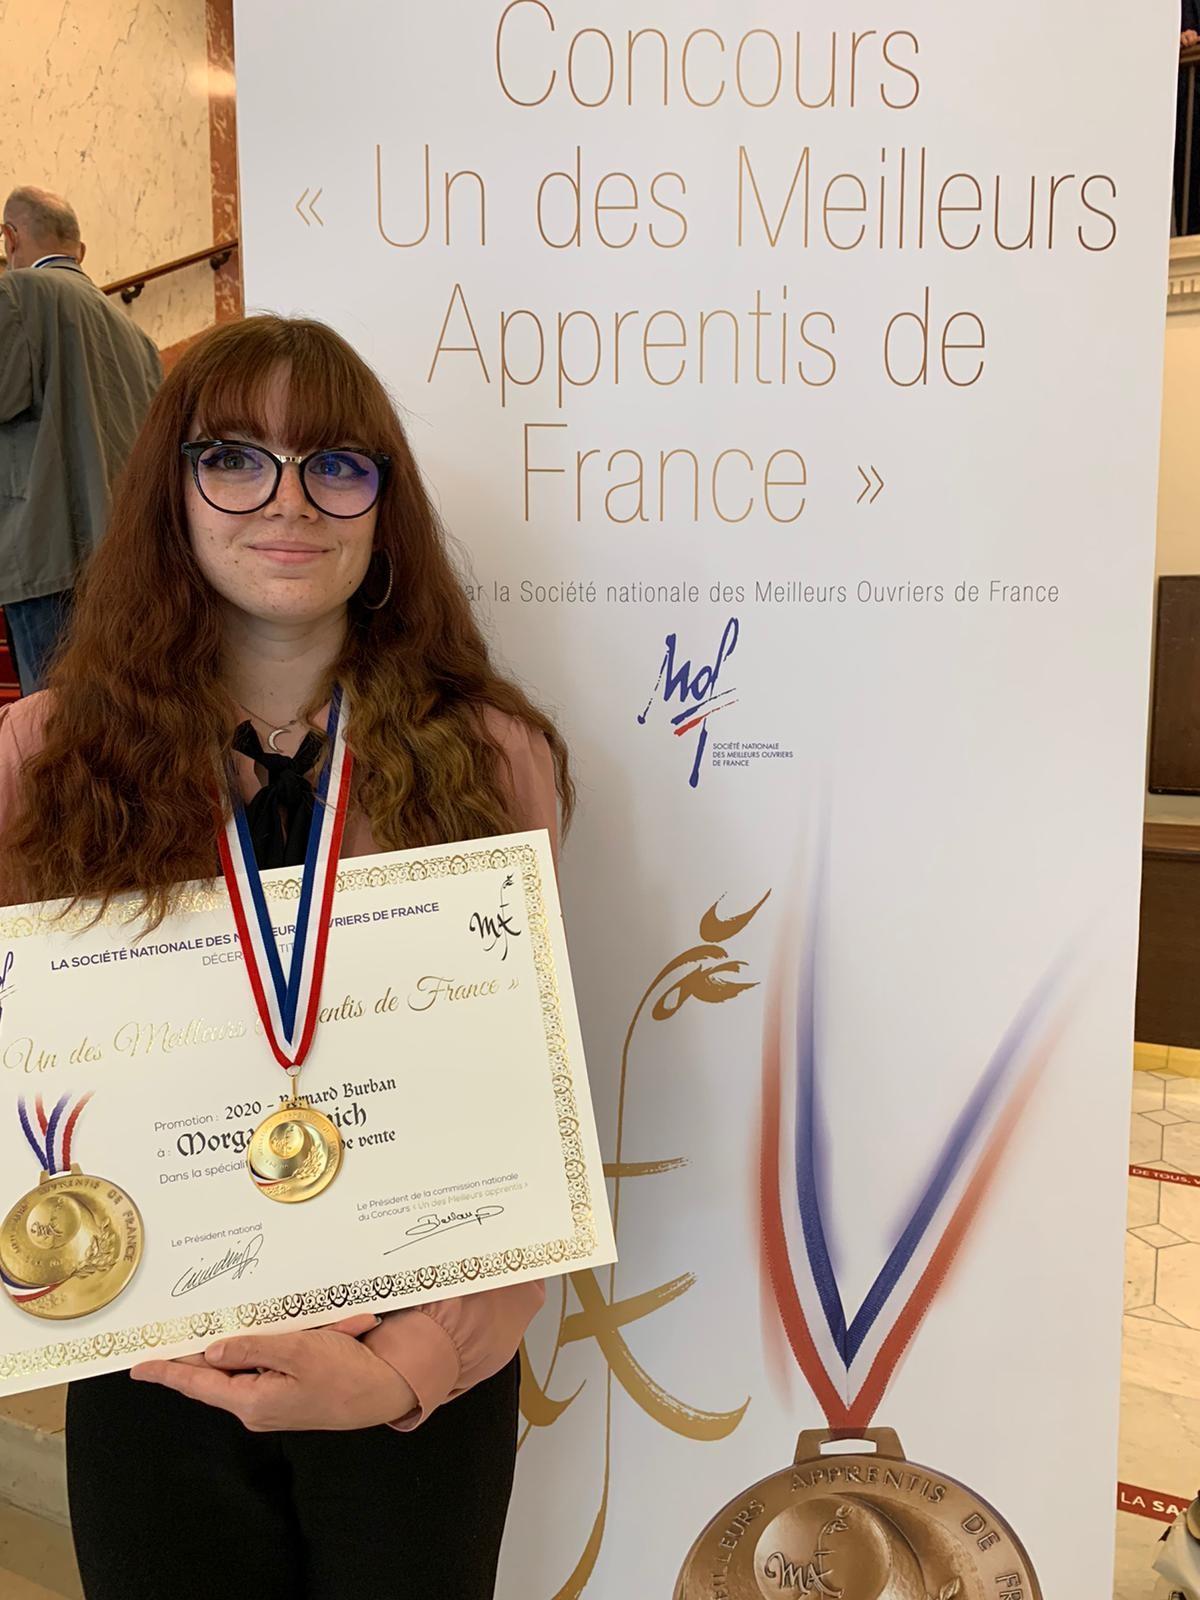 Le concours « Un des Meilleurs Apprentis de France